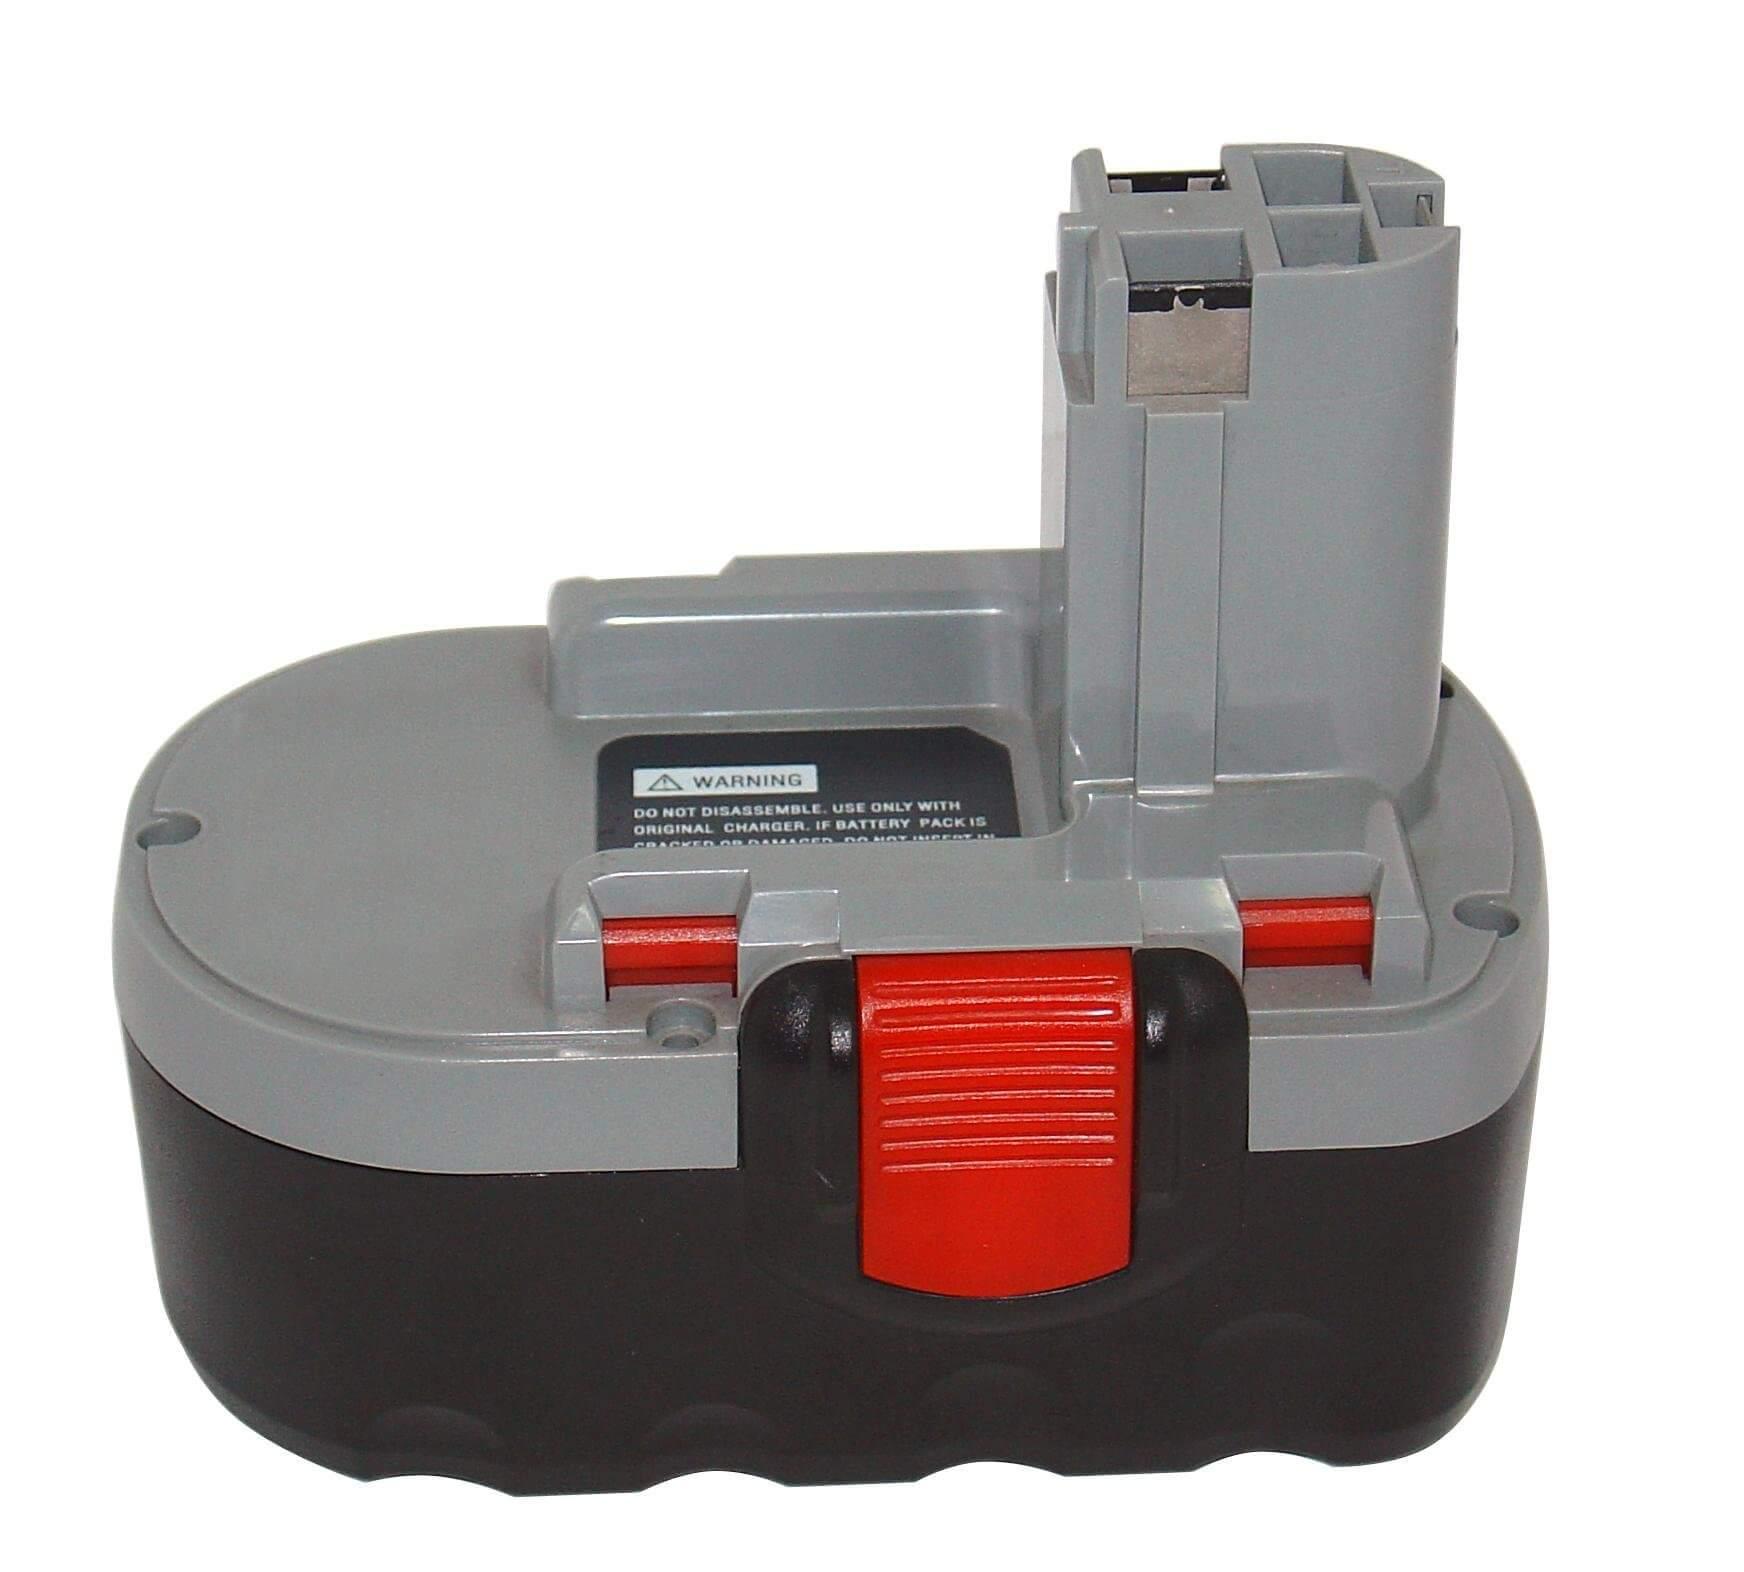 Bosch 15618 batteri 2 607 335 278 18v/2,2Ah NiMH